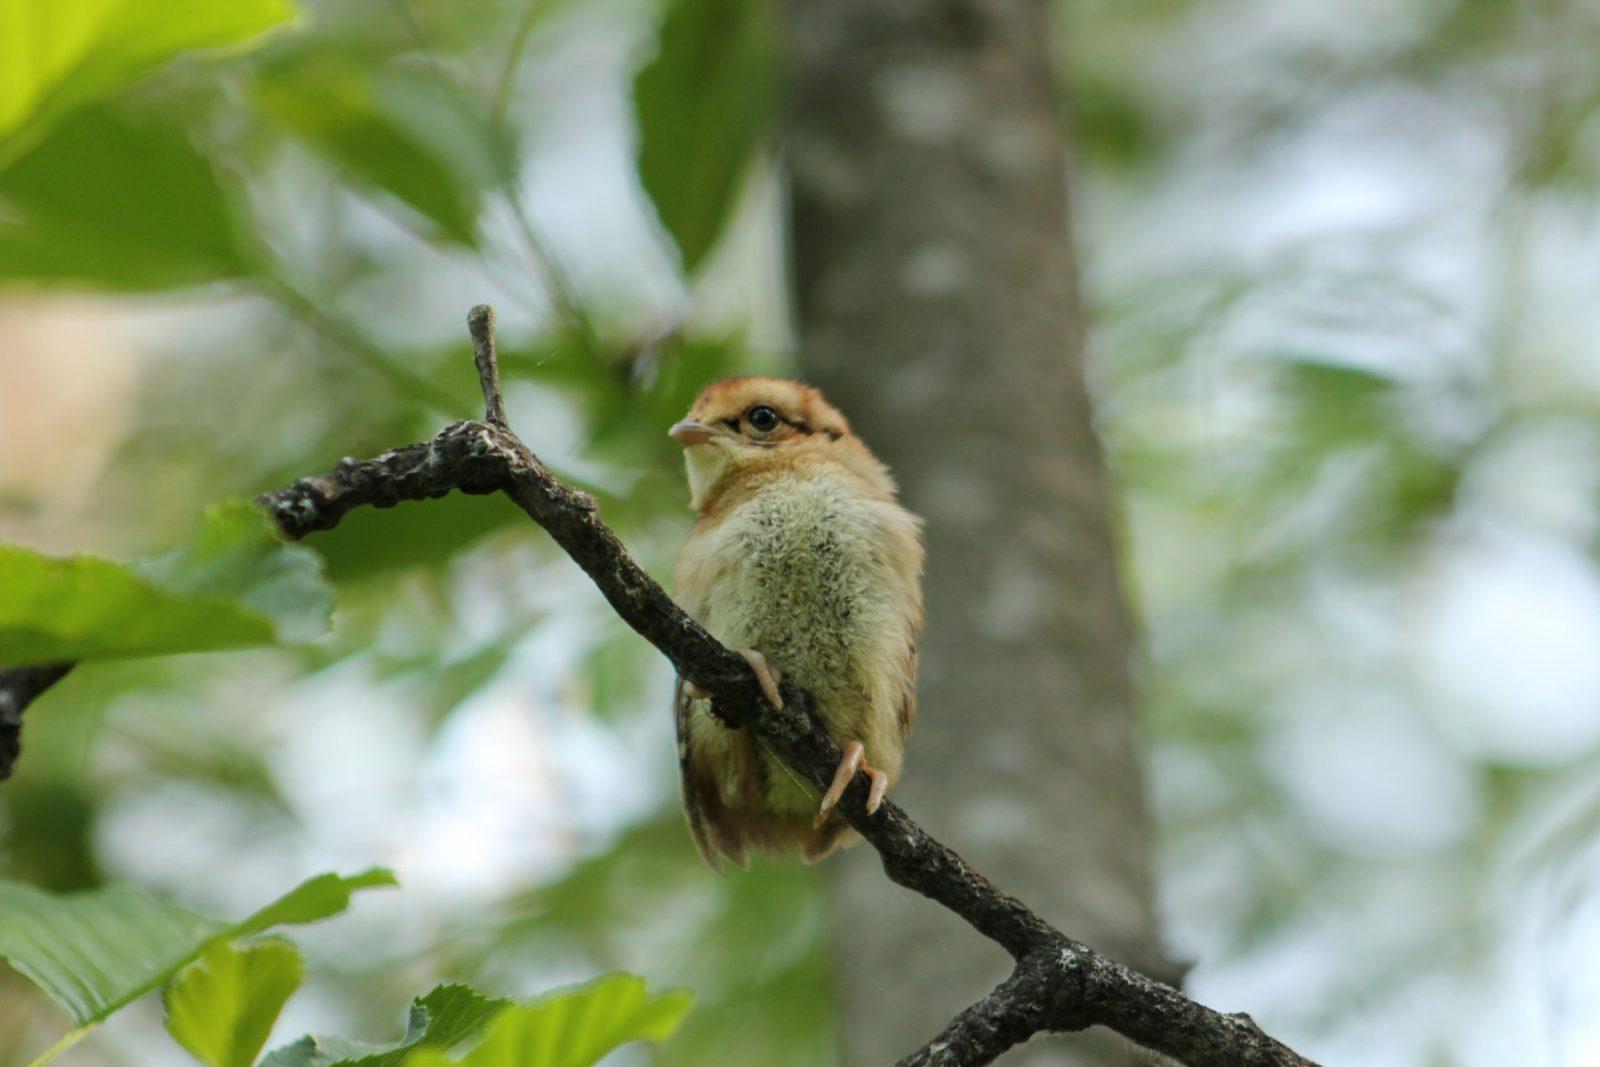 Выставка Птицы - Птенец рябчика. Фото Л.О. Псел